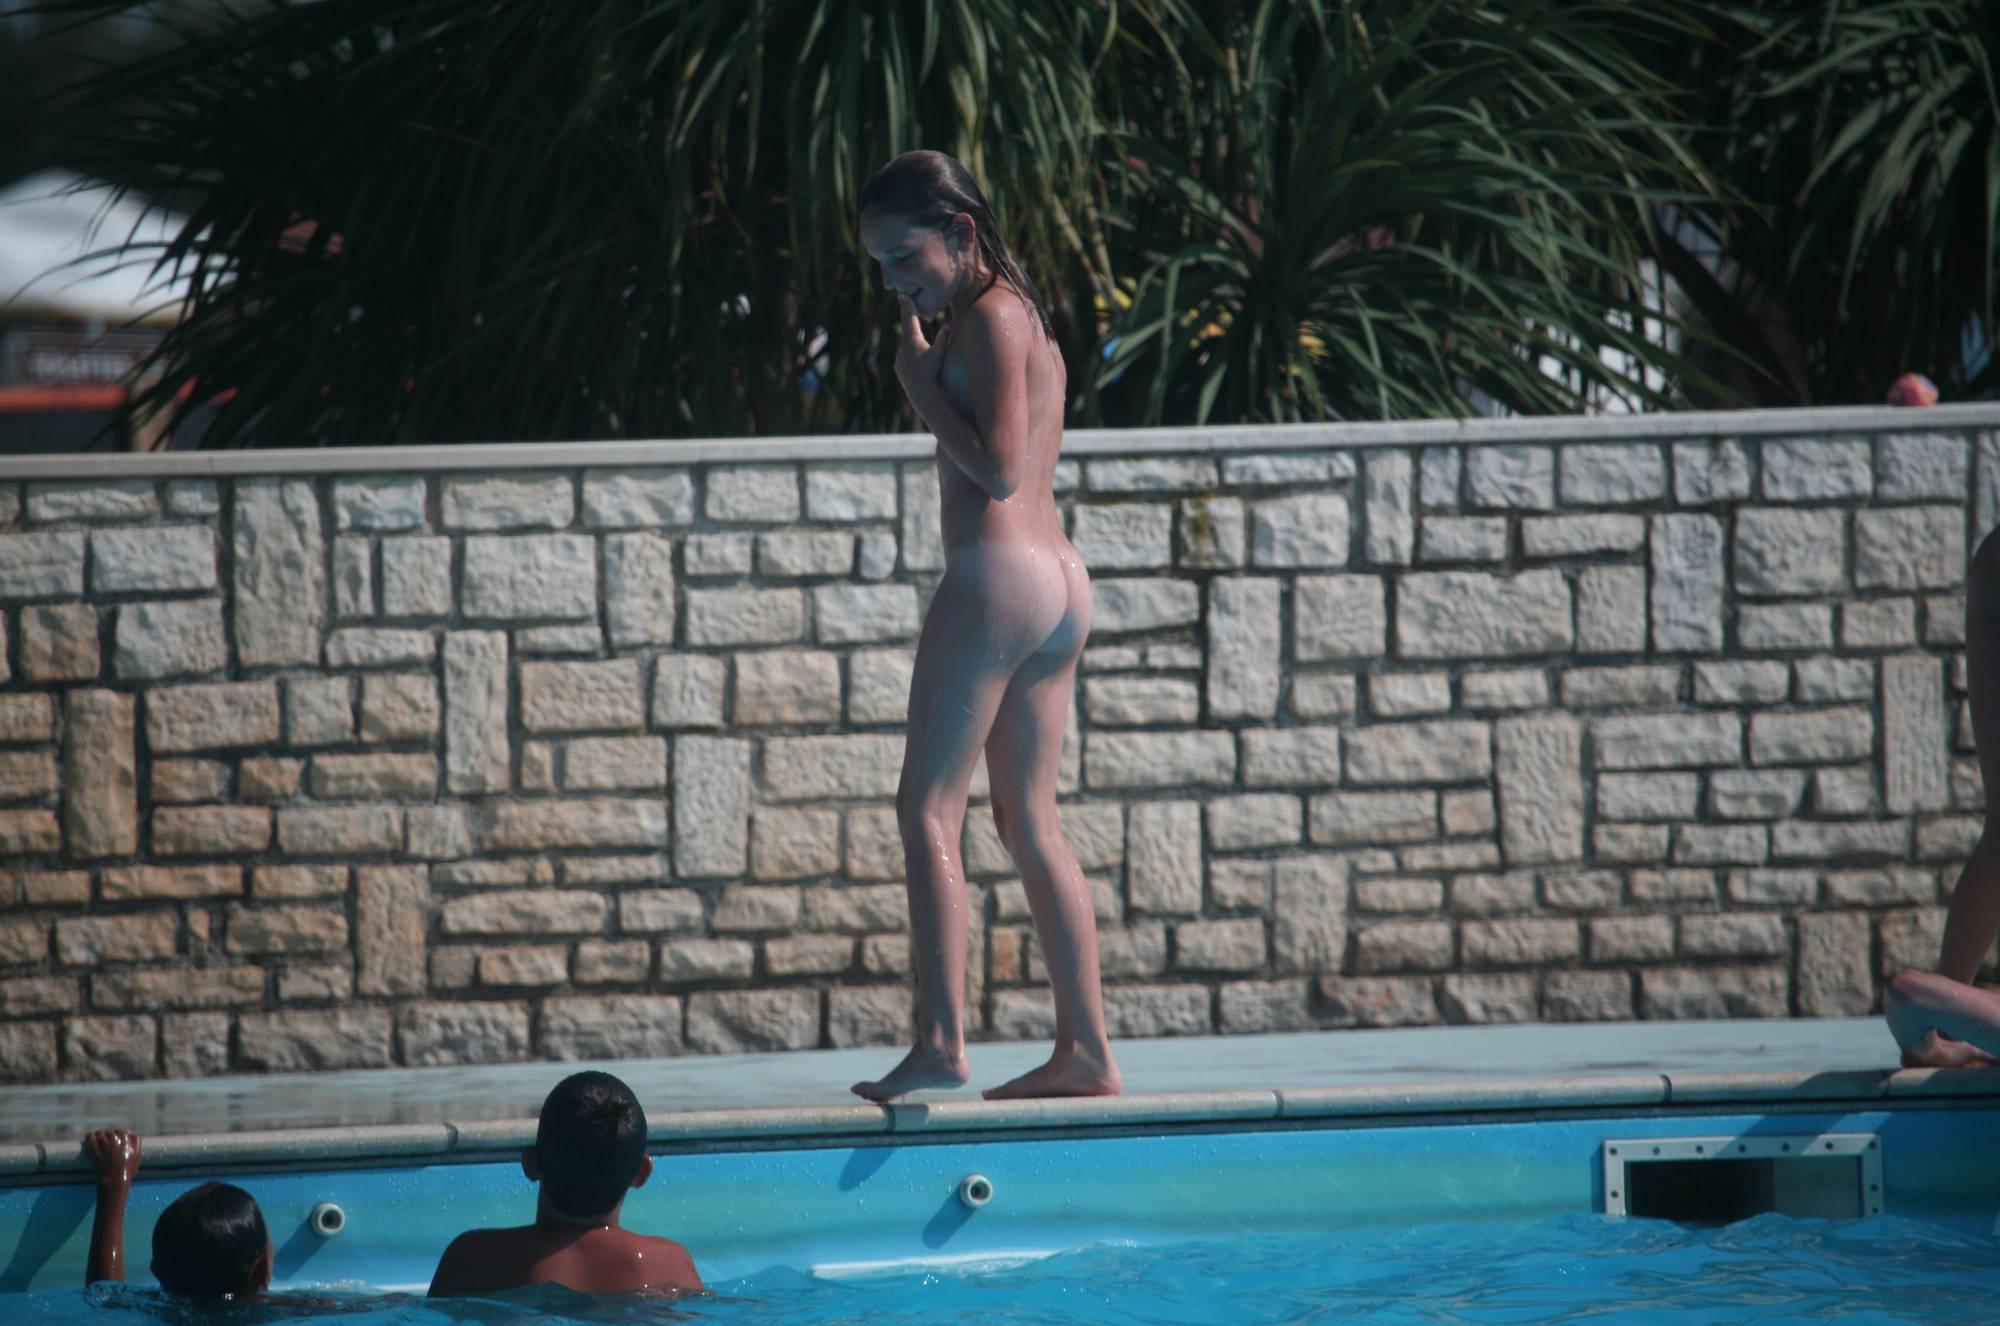 Purenudism Images-Naturist Pool-Side Singles - 2